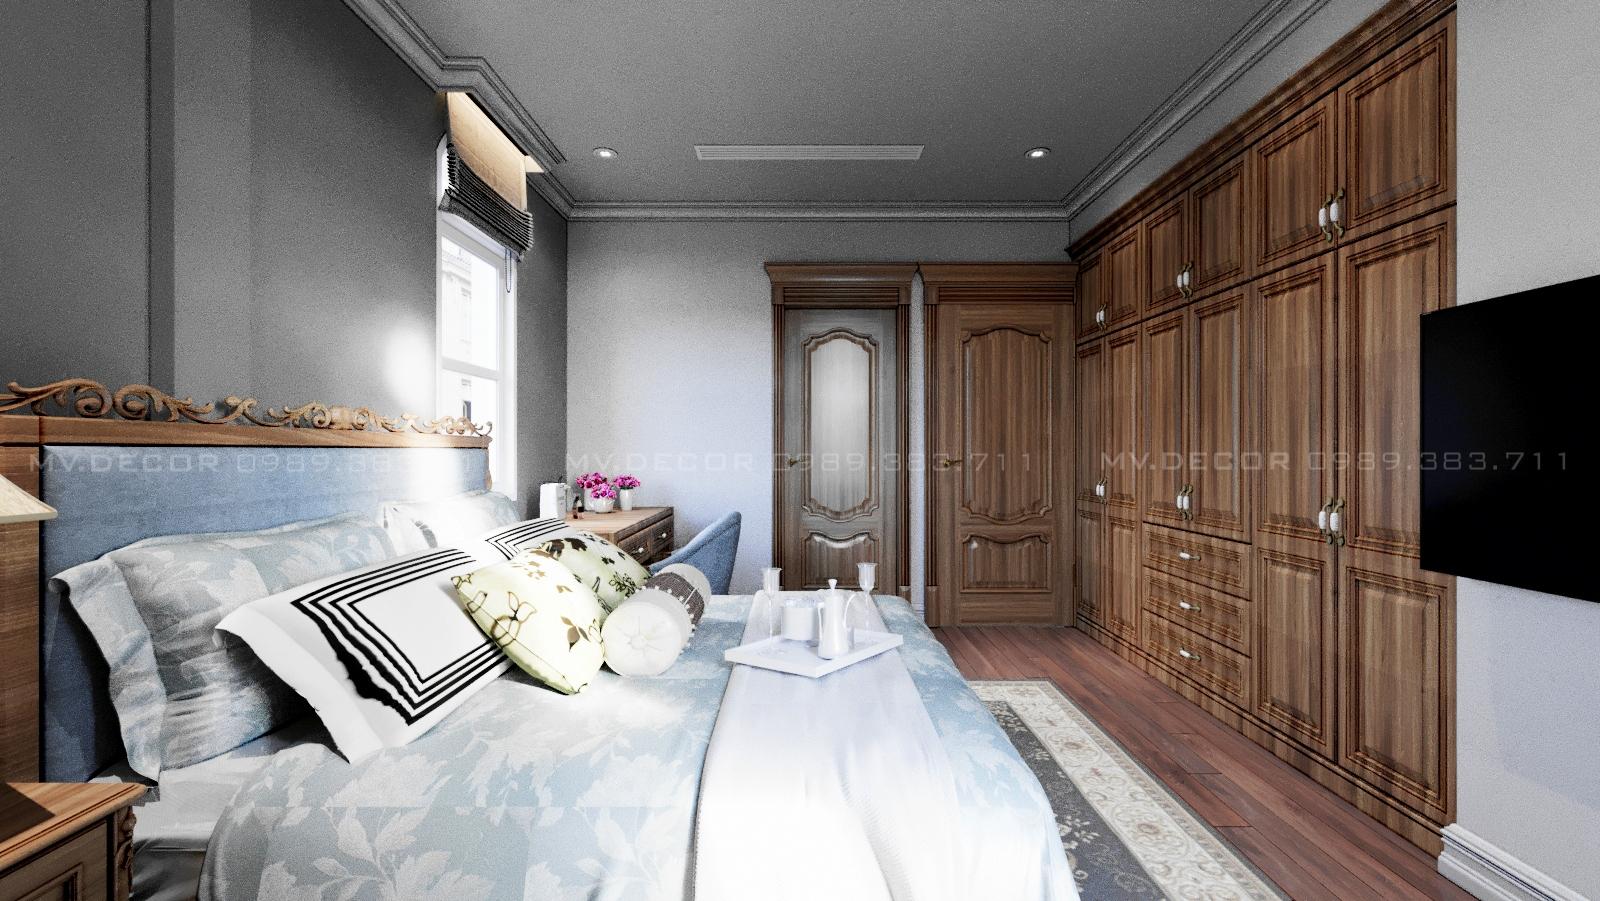 thiết kế nội thất Biệt Thự tại Hải Phòng BT VINHOME HẢI PHÒNG 10 1562719450